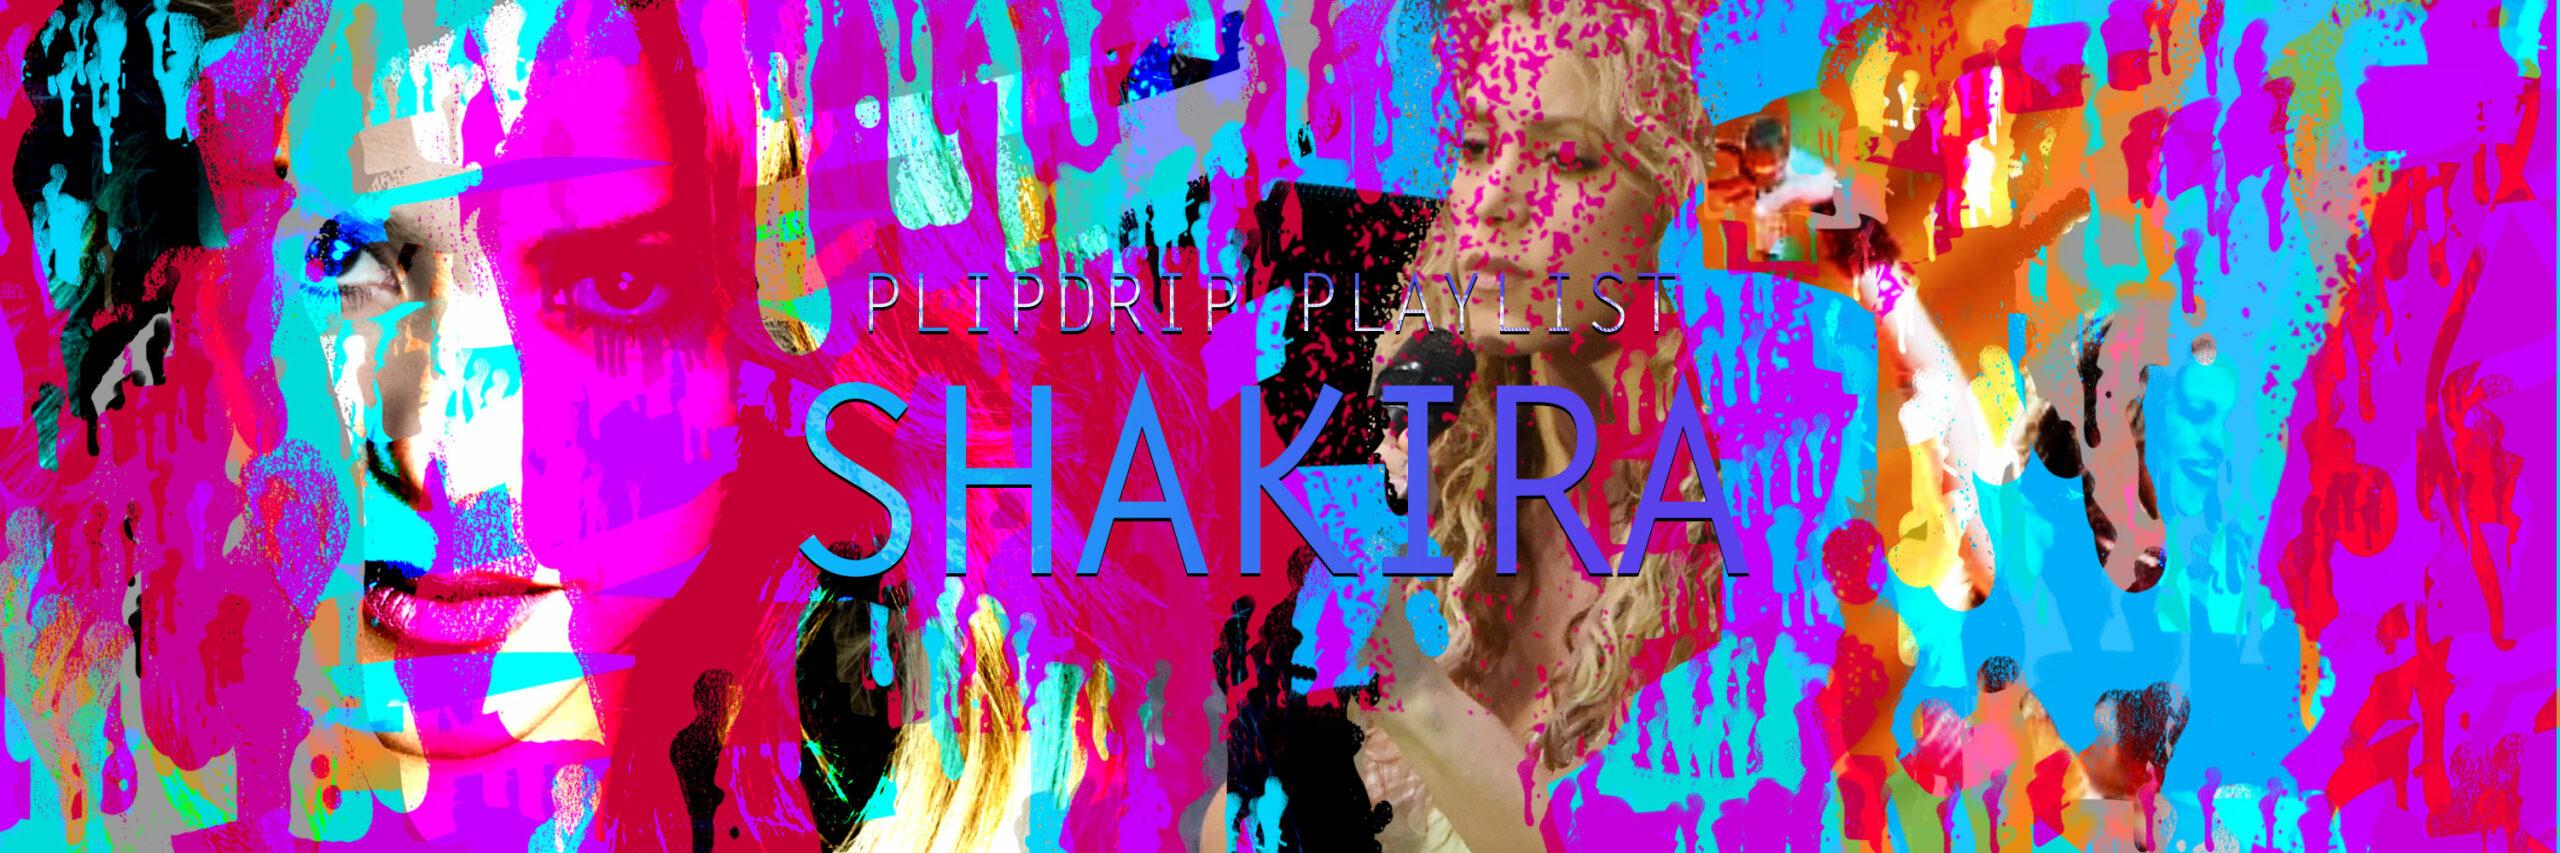 PF-shakira-banner-1